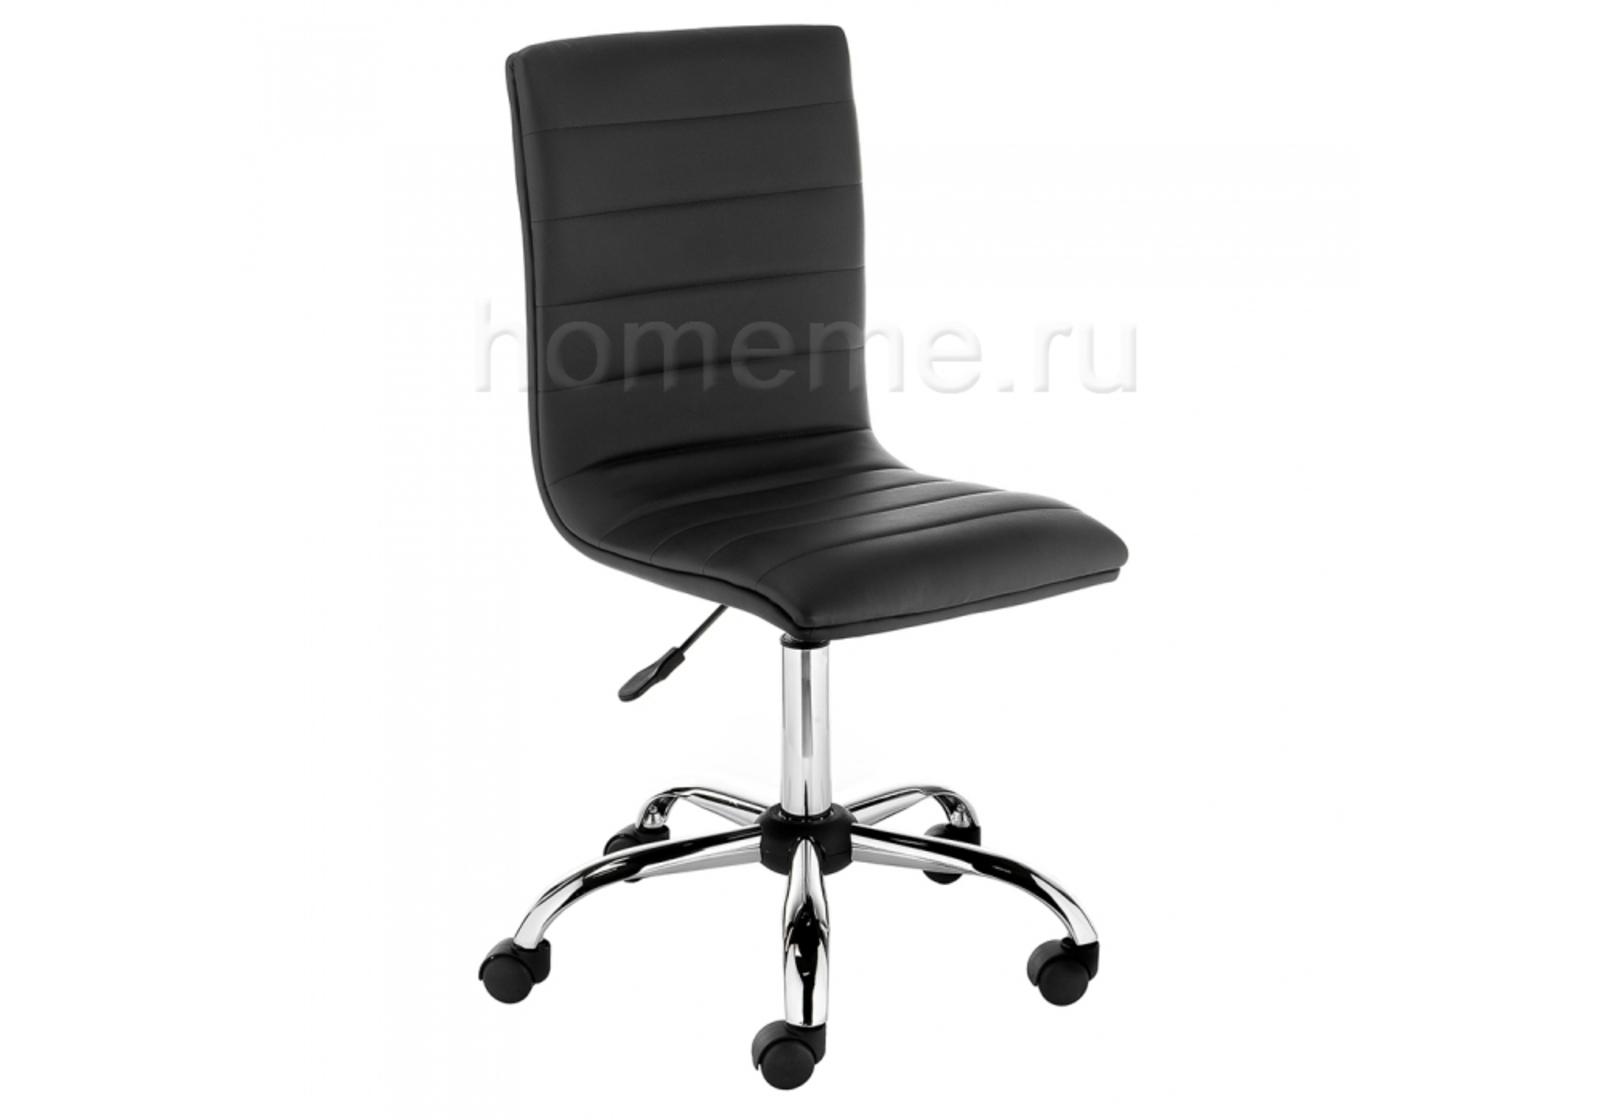 Кресло для офиса HomeMe Midl черный 11176 от Homeme.ru